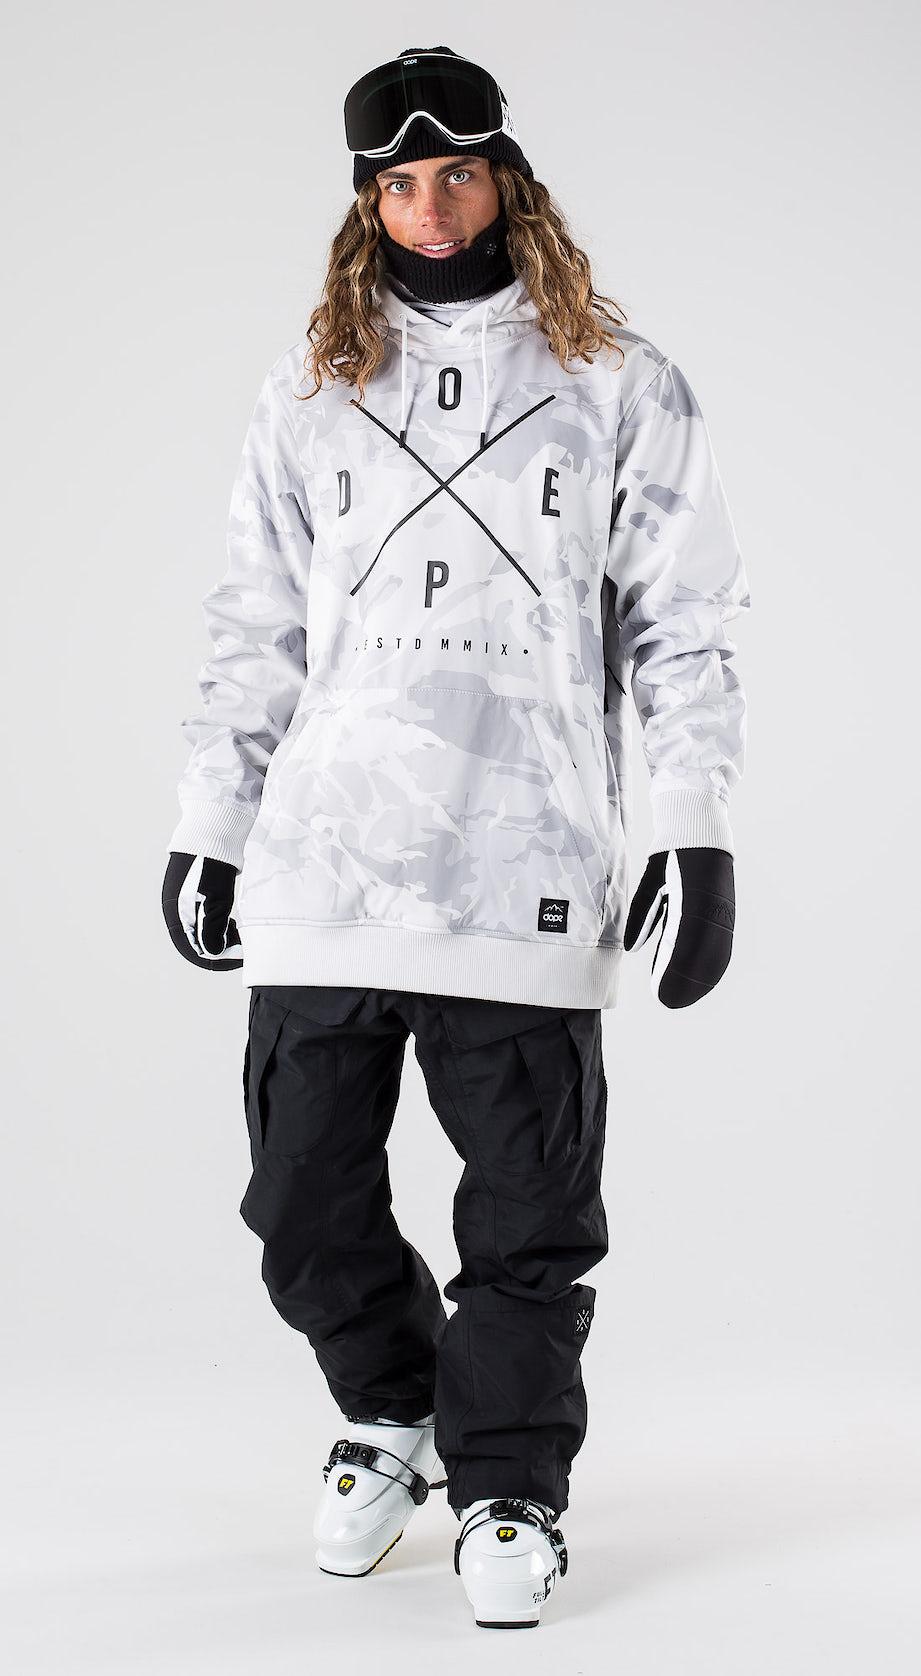 Dope Yeti Tux Camo Ski clothing Multi